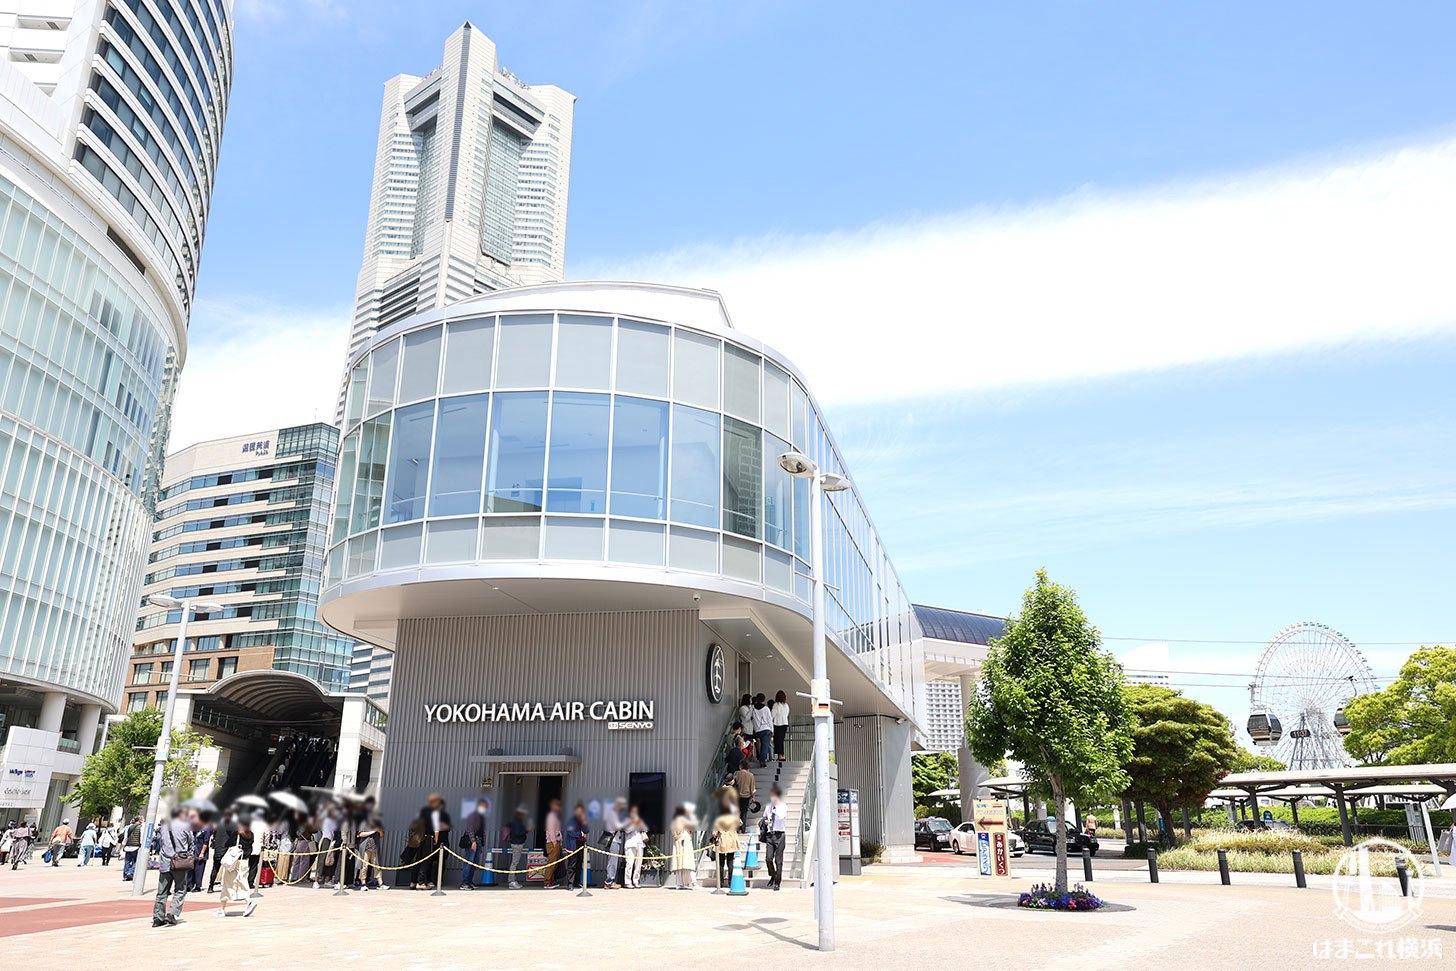 ヨコハマエアキャビン 桜木町駅側の駅舎